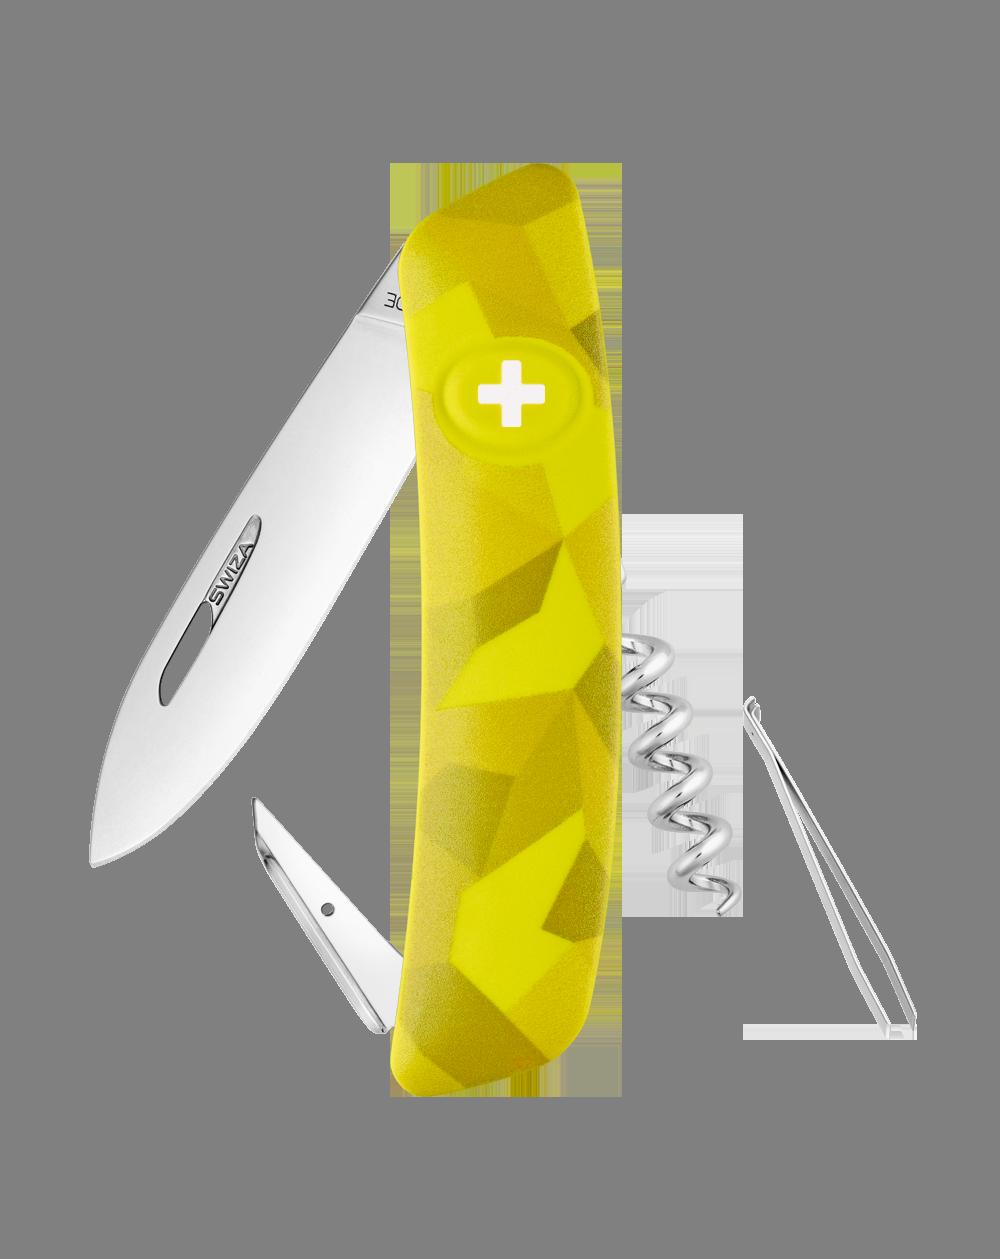 Купить Швейцарский нож SWIZA C01 Camouflage, сталь 440, 95 мм, 6 функций, желтый в России